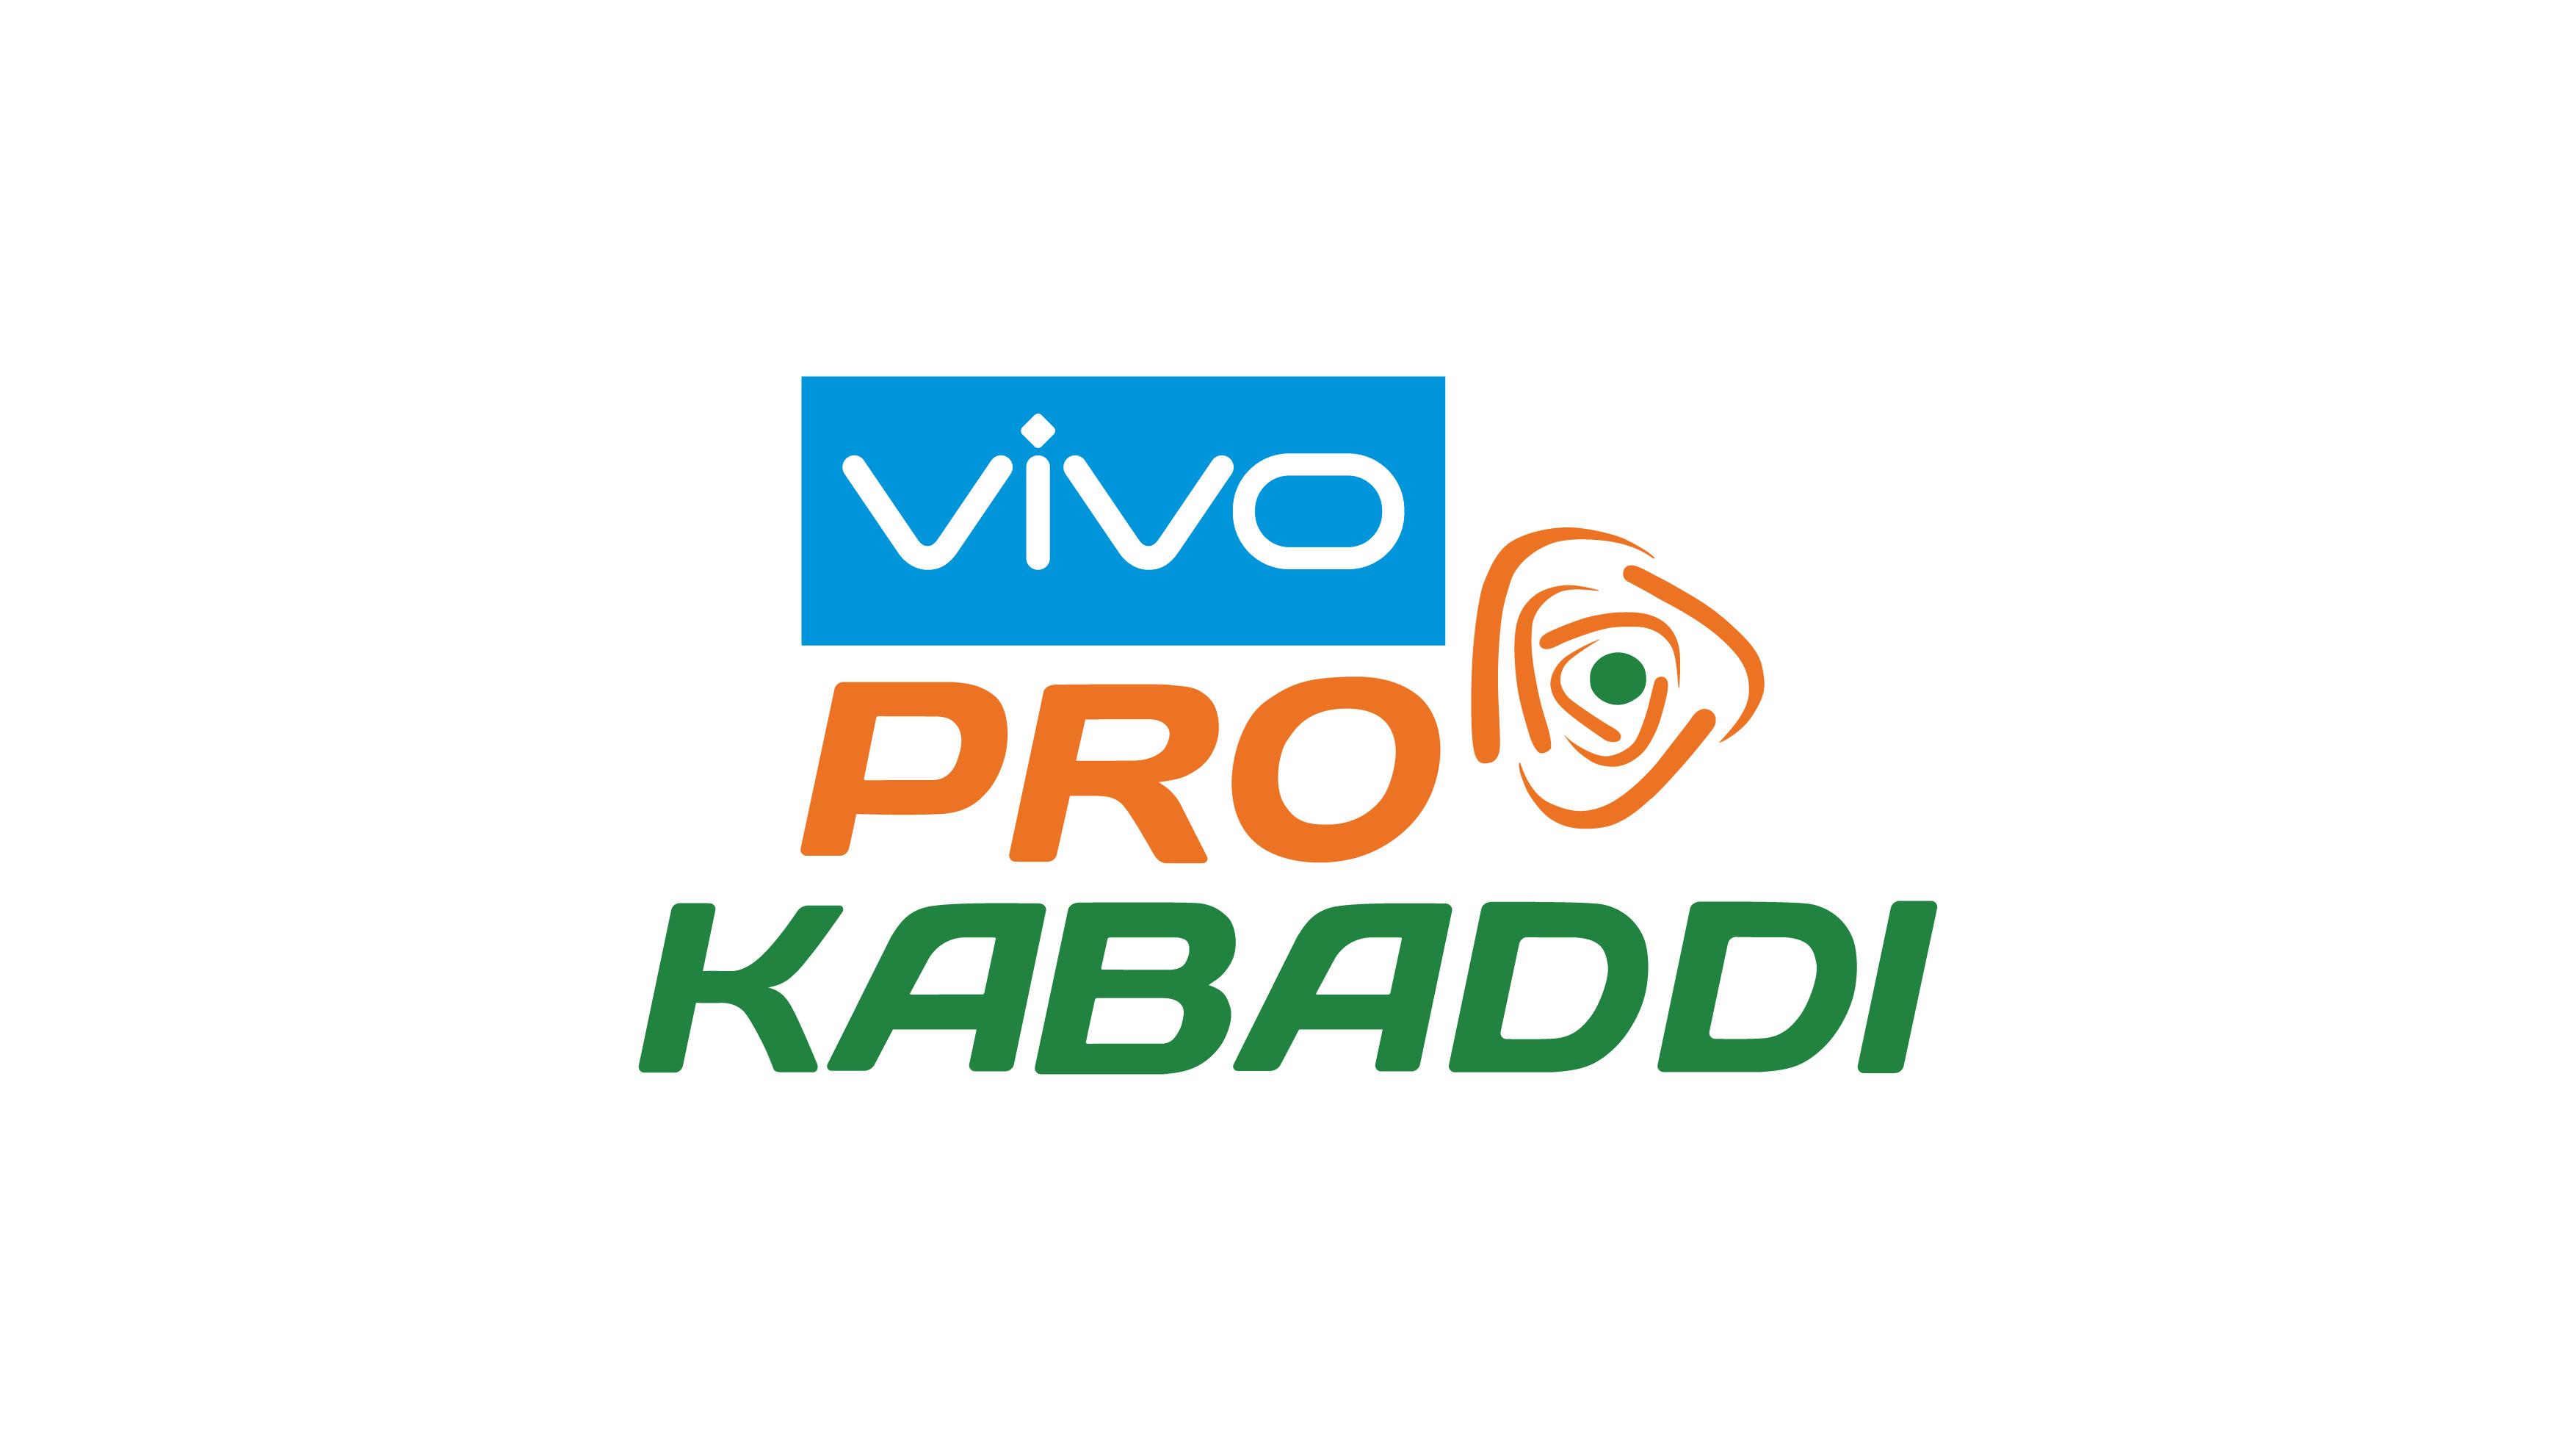 Vivo Pro Kabaddi League